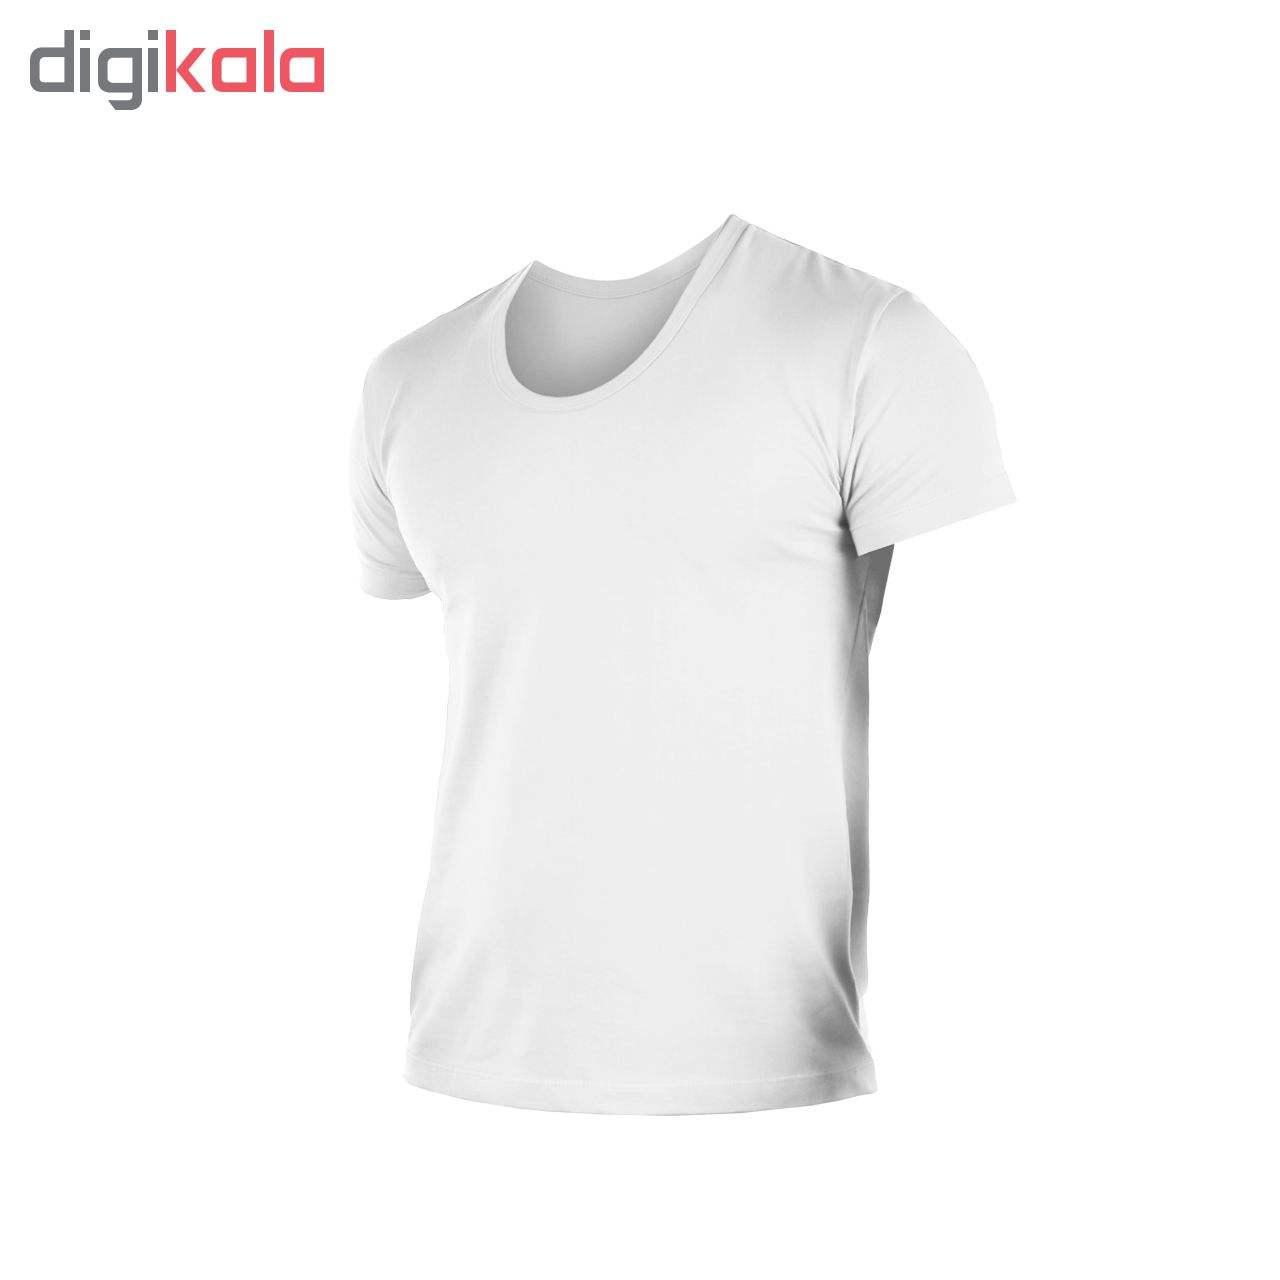 زیرپوش مردانه کیان تن پوش مدل U Neck Shirt Classic W مجموعه ۳ عددی thumb 4